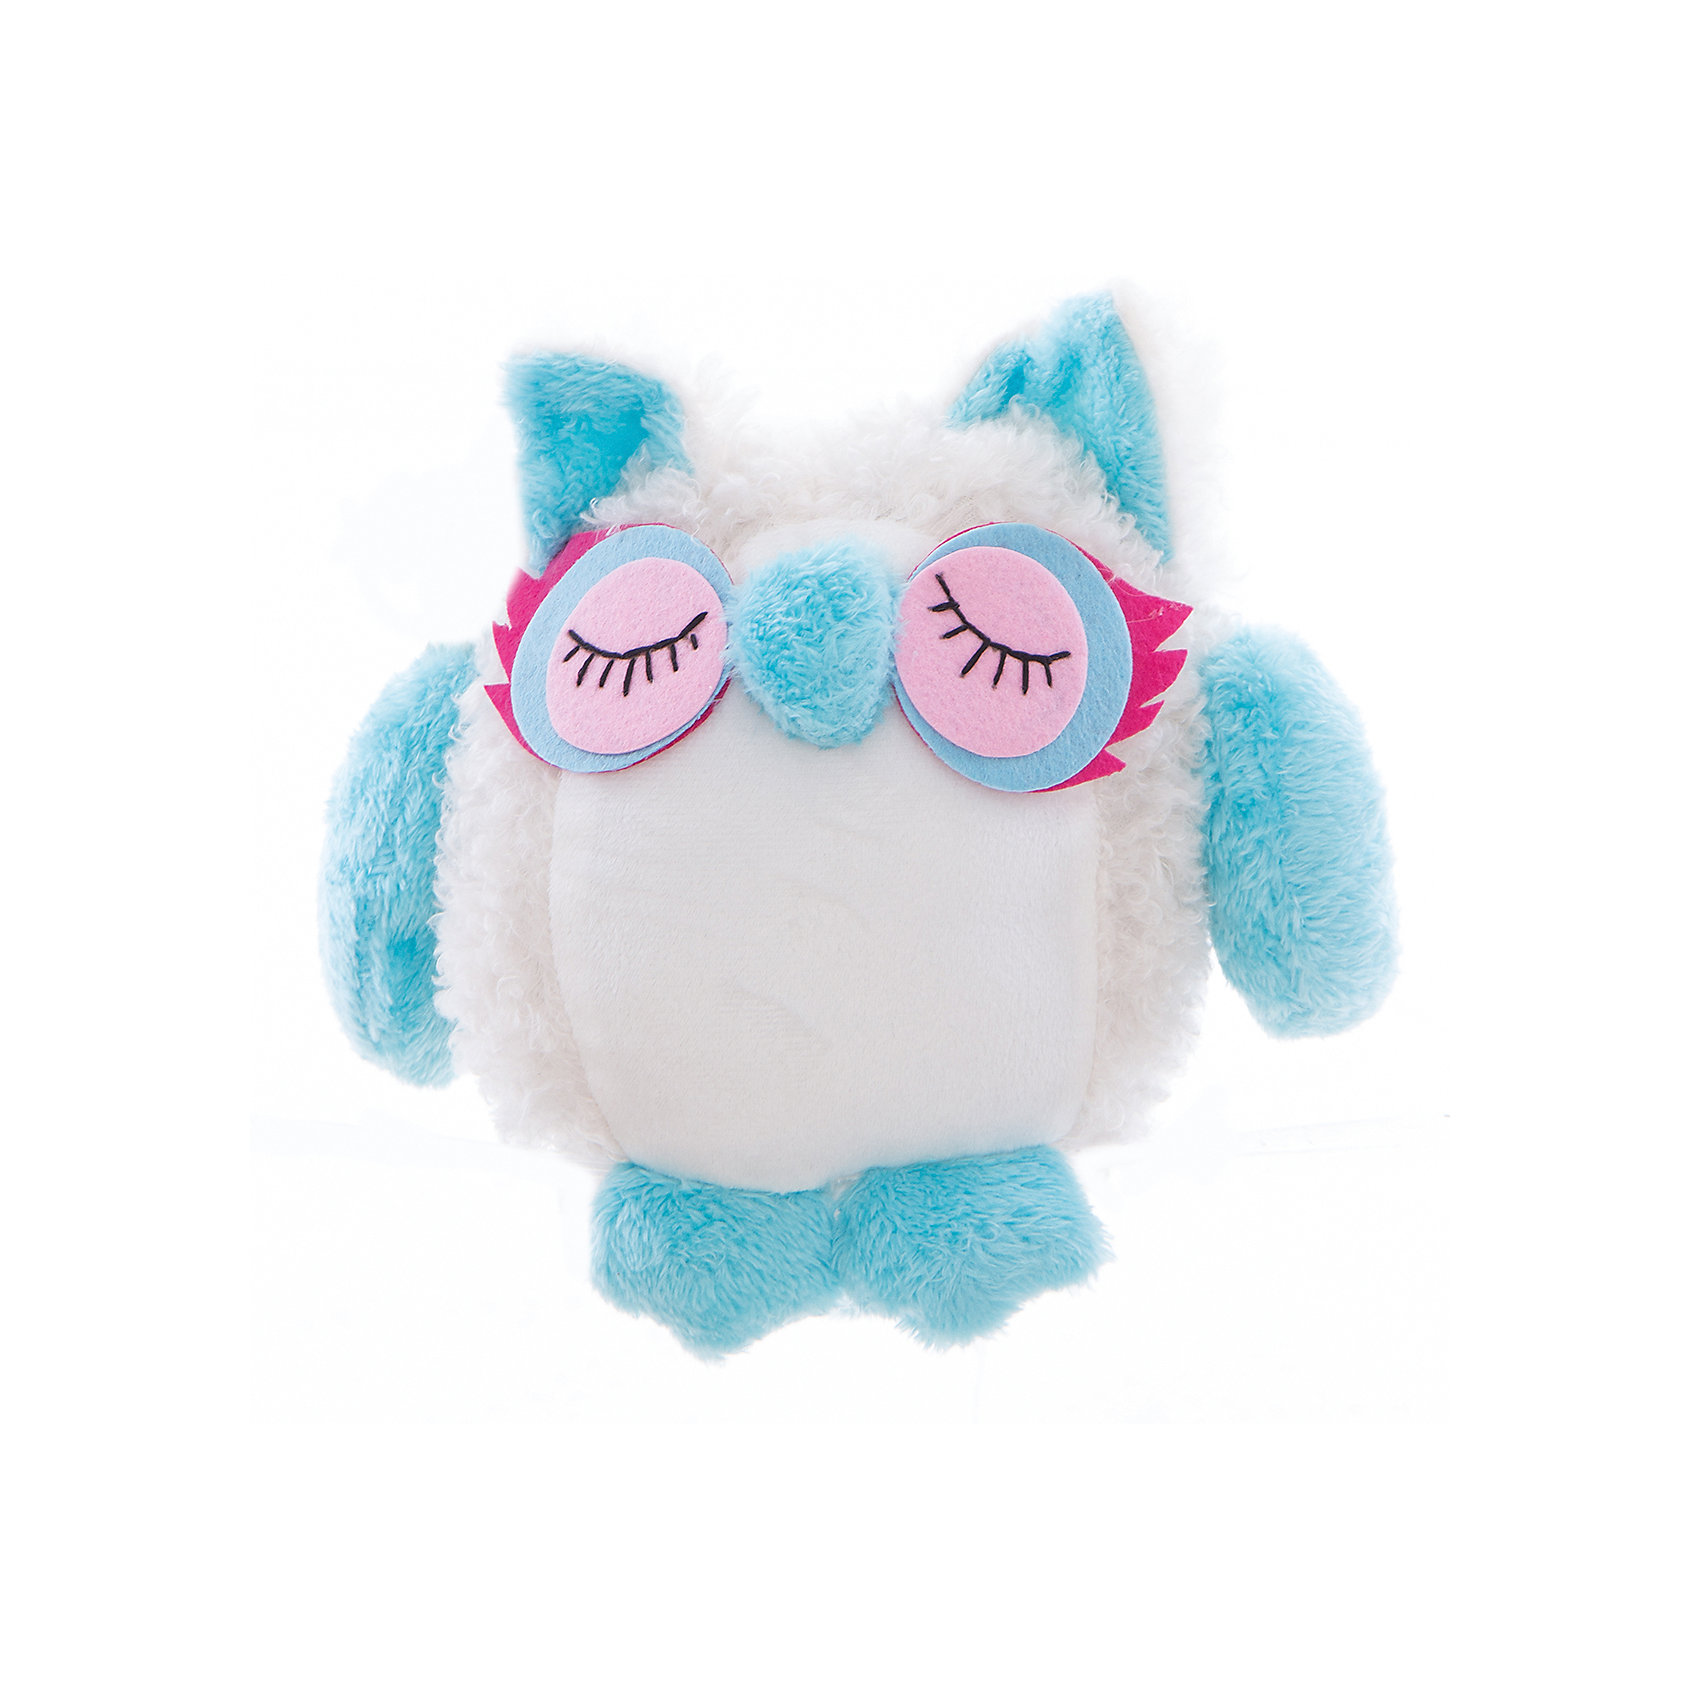 Интерьерная кукла Совушка C21-106013, EstroПредметы интерьера<br>Характеристики интерьерной куклы:<br><br>- размеры: 25*12*8 см. <br>- тип игрушки: животные, мягкая игрушка<br>- персонаж: сова<br>- вид упаковки: коробка<br>- возрастные ограничения: 3+<br>- комплектация: игрушка <br>- состав: полиэстер, полиэфир<br>- материал изготовления: высококачественный пластик, полиэстер, ткань<br>- стиль: классический, прованс<br>- бренд: Estro <br>- страна бренда: Италия<br>- страна производитель: Китай<br><br>Спящий совенок итальянской торговой марки Estro будет Вам и Вашим детям прекрасным спутником во время сна. Совенок выполнен в виде мягкой игрушки и его так приятно брать с собой в кровать. Игрушка изготовлена из качественных материалов приятной расцветки. Ее внешний вид продуман до мелочей. Совенок окрашен в фиолетовый, салатовый цвет. <br><br>Интерьерную куклу сова итальянской торговой марки Estro можно купить в нашем интернет-магазине.<br><br>Ширина мм: 200<br>Глубина мм: 200<br>Высота мм: 250<br>Вес г: 162<br>Возраст от месяцев: 36<br>Возраст до месяцев: 1188<br>Пол: Женский<br>Возраст: Детский<br>SKU: 5356633